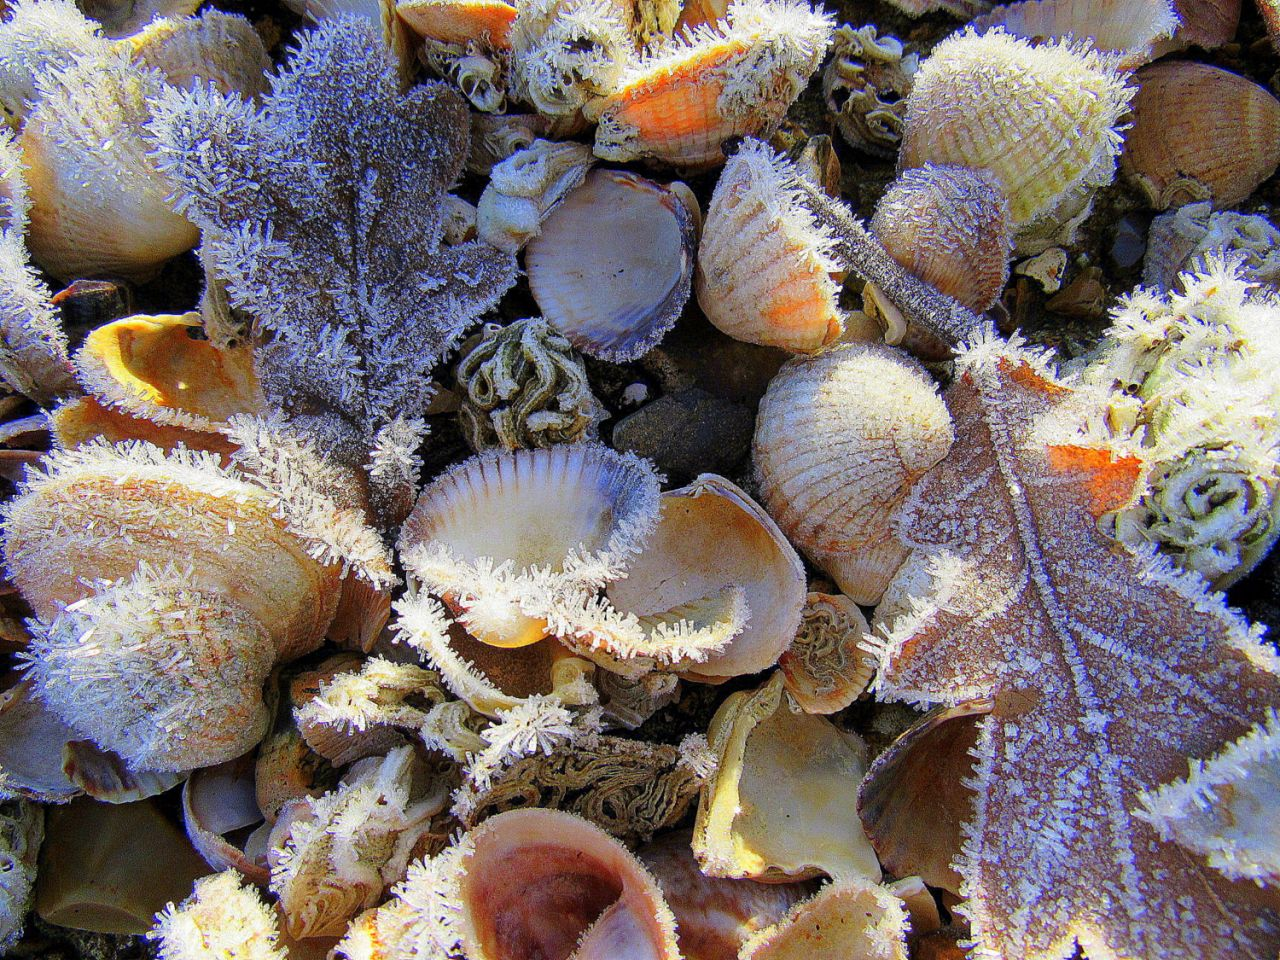 Λεπτό στρώμα πάγου πάνω σε κοχύλια και φύλλα, στην ακτή του Σαουθάμπτον Γουότερ στο Χαμπσάιρ